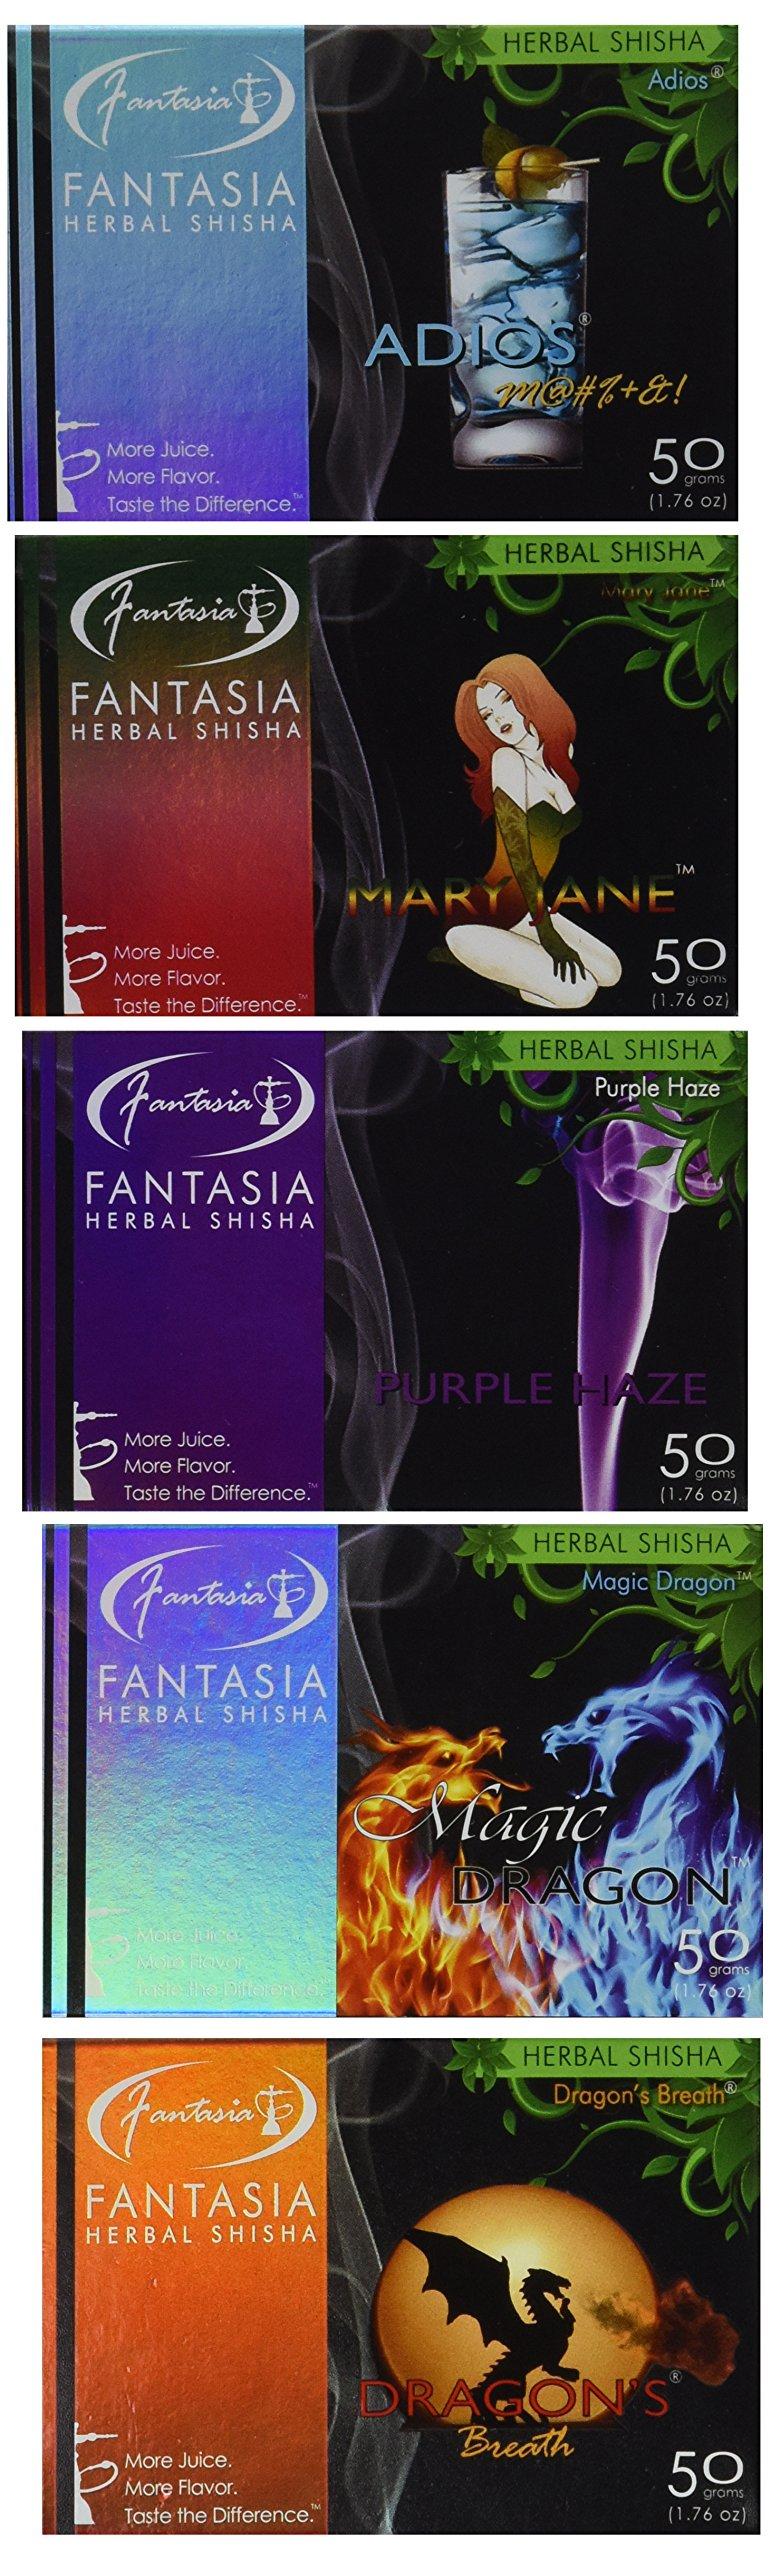 Fantasia 50 Gram Herbal Shisha - 5 Fantasy Flavors Variety Pack